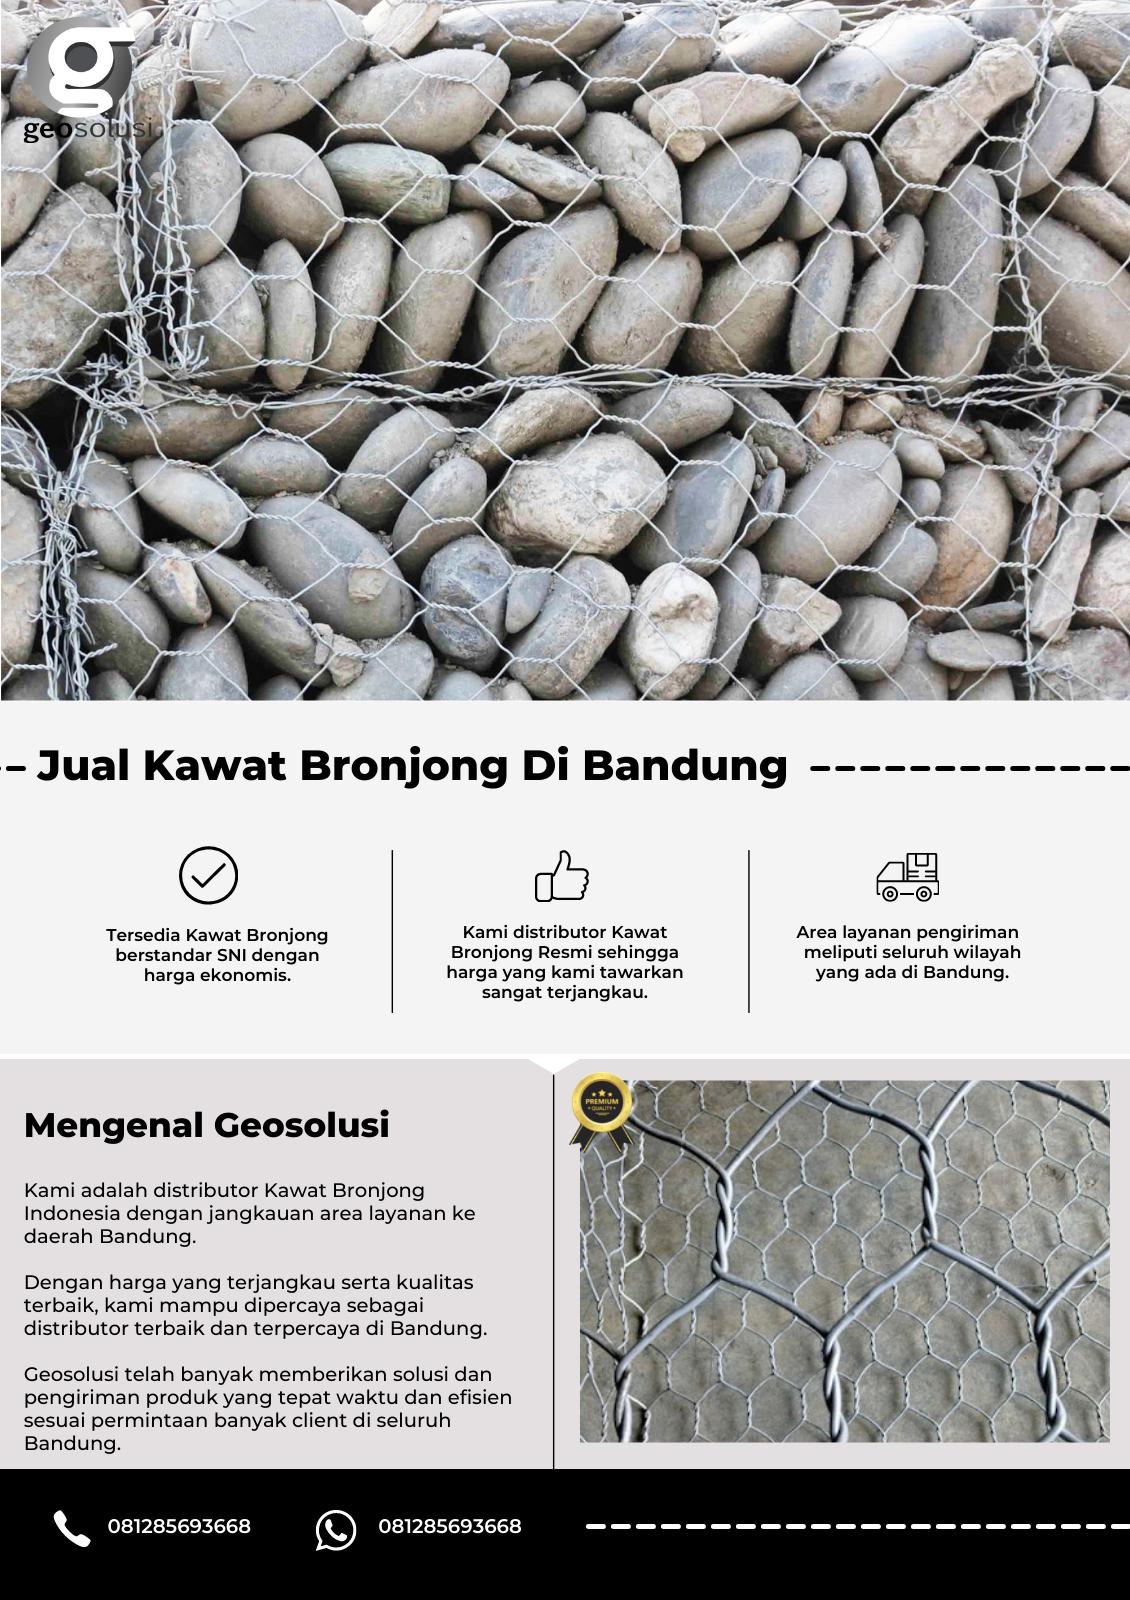 Jual Kawat Bronjong Di Bandung